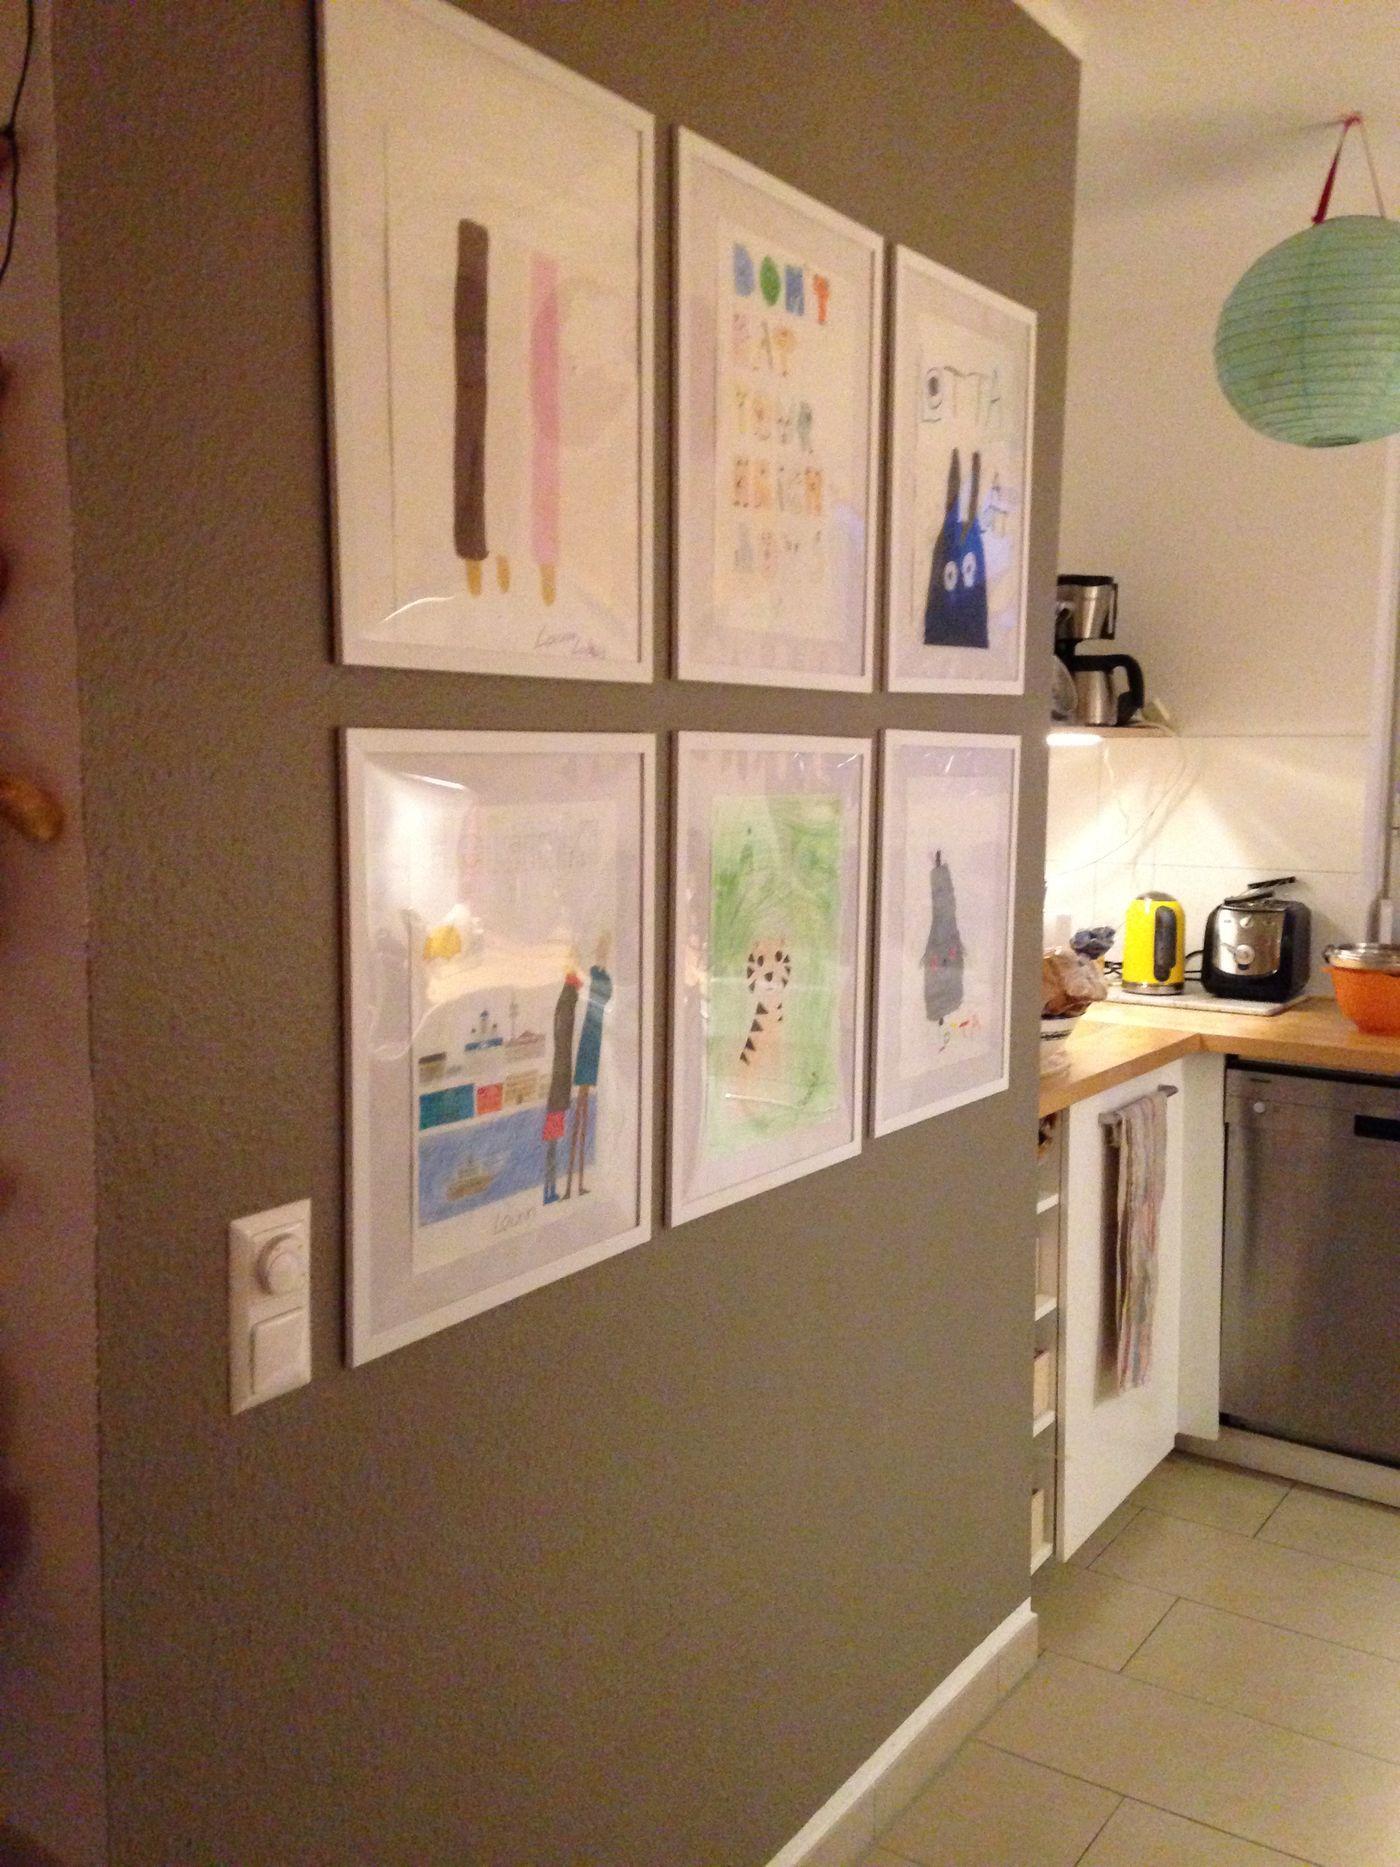 Groß Farbe Soll Meine Küche Wände Malen Bilder - Küchen Design Ideen ...